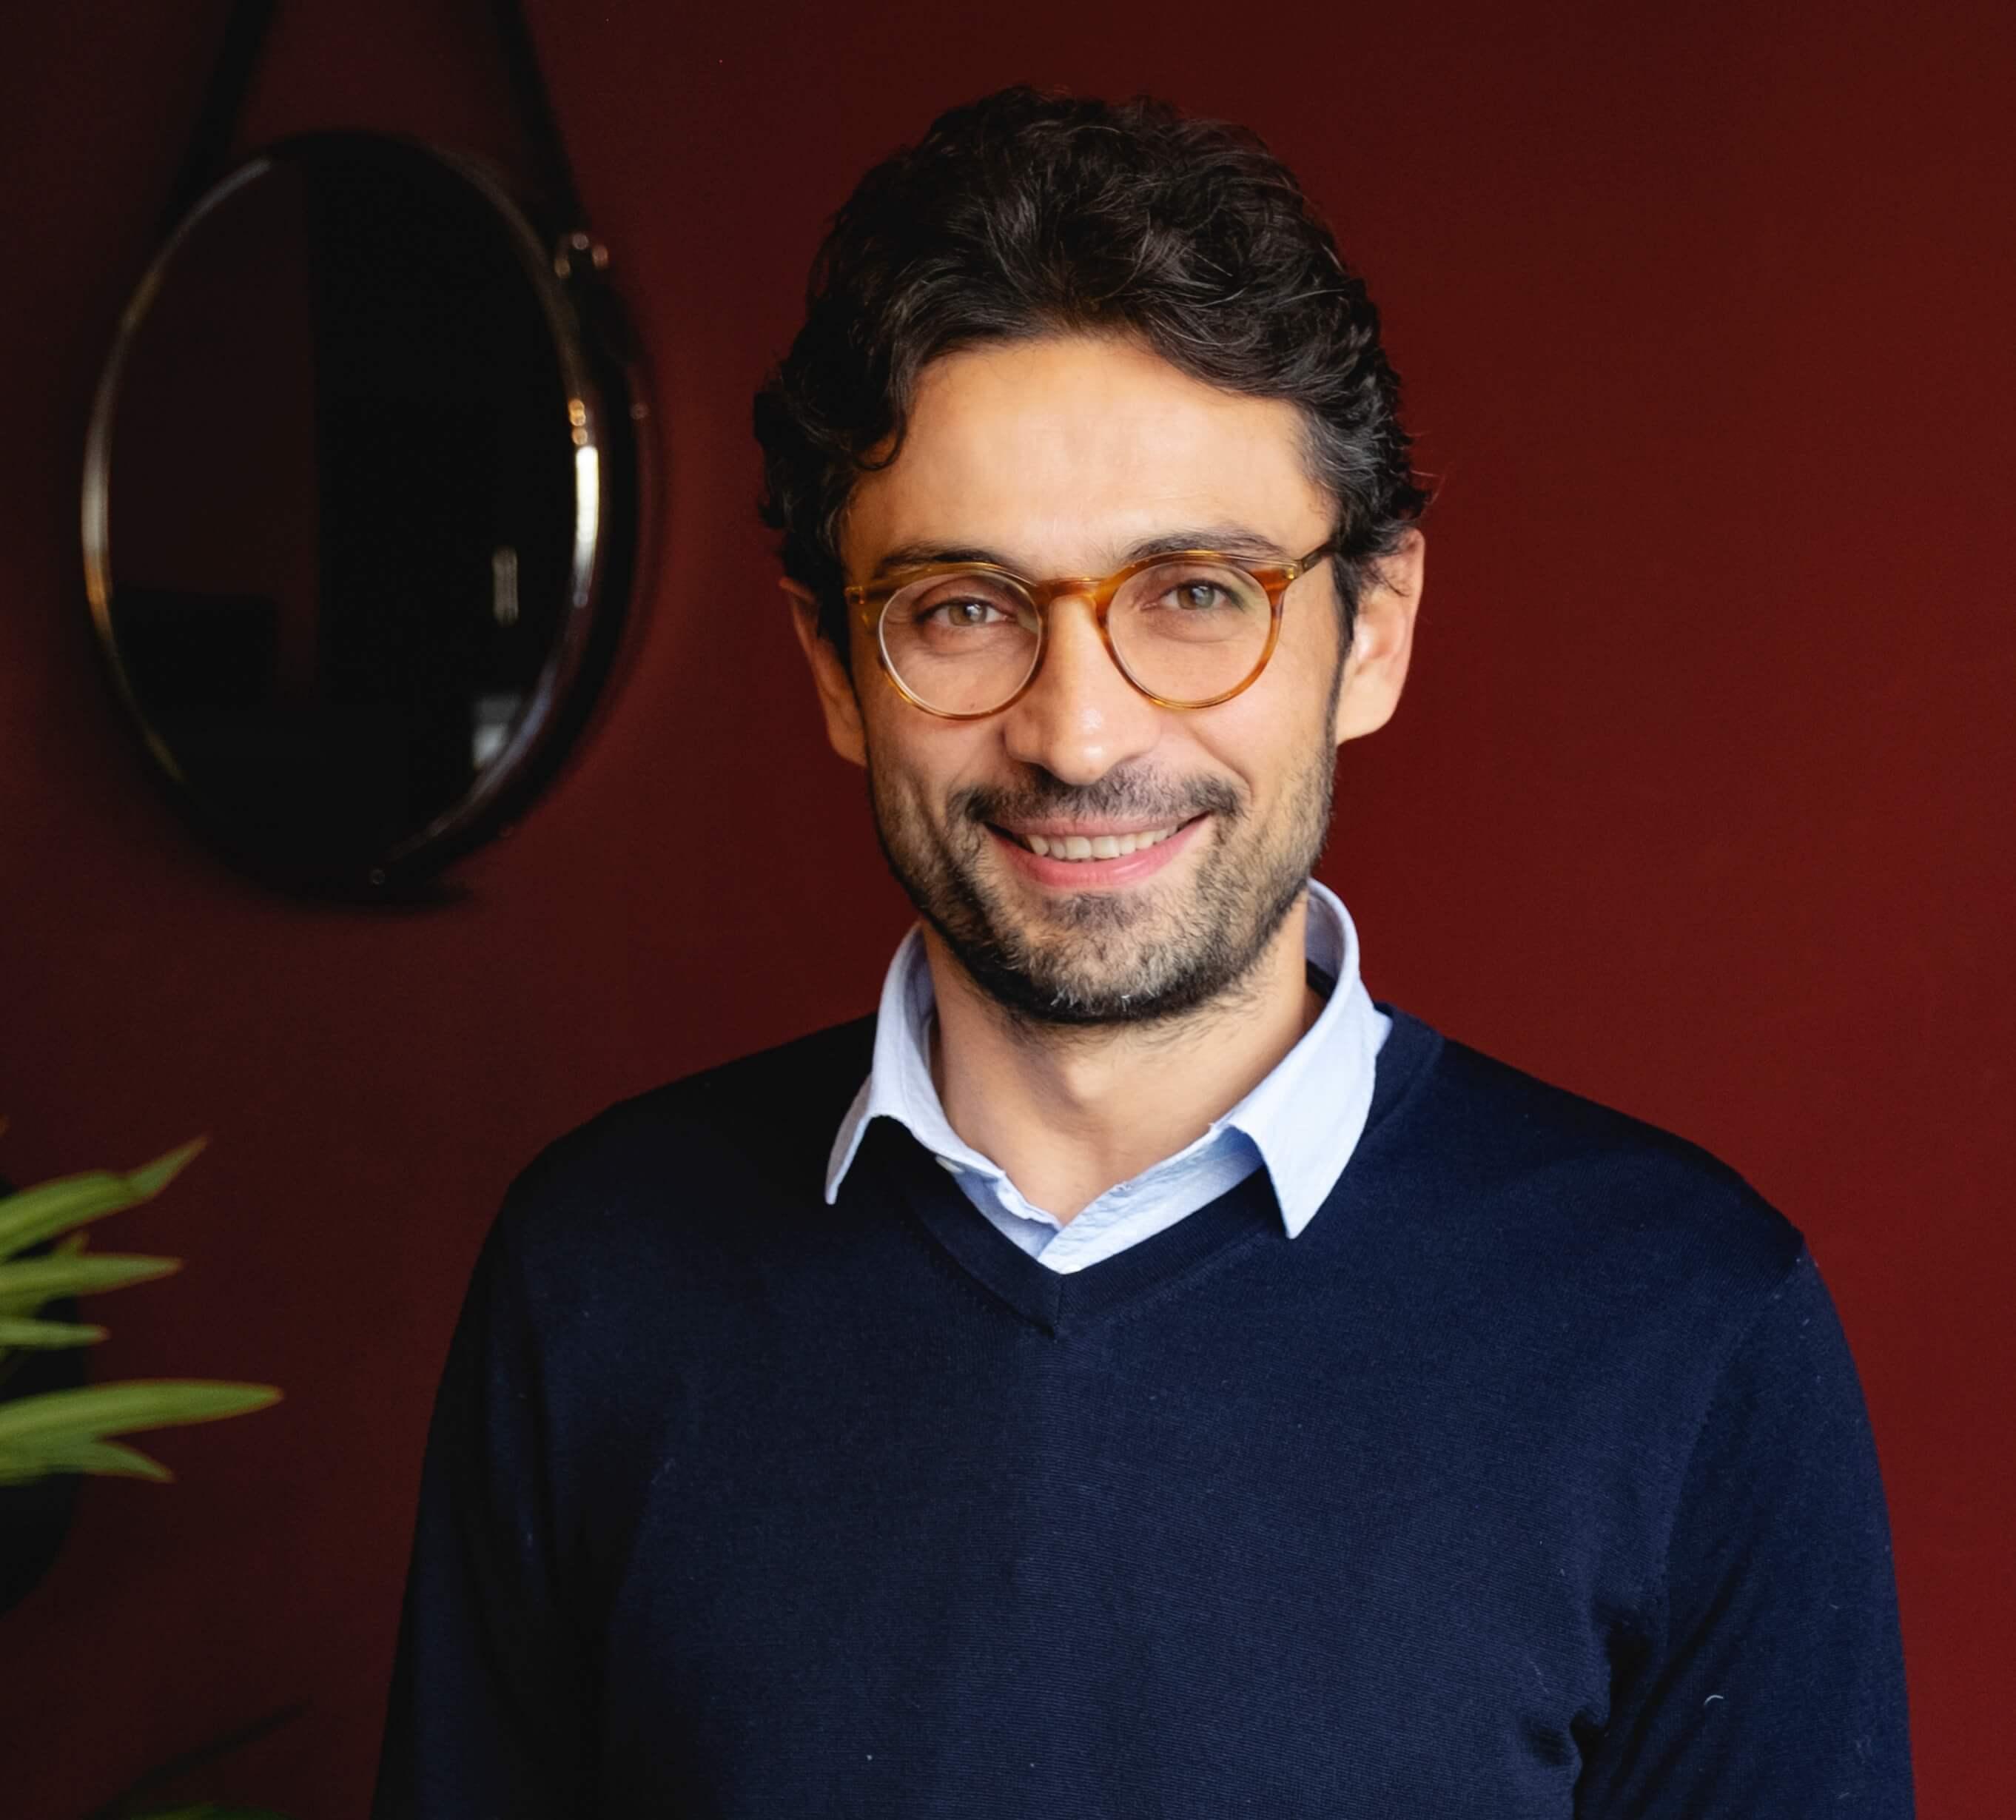 Tomer Sabag works for startup, SumUp in Berlin